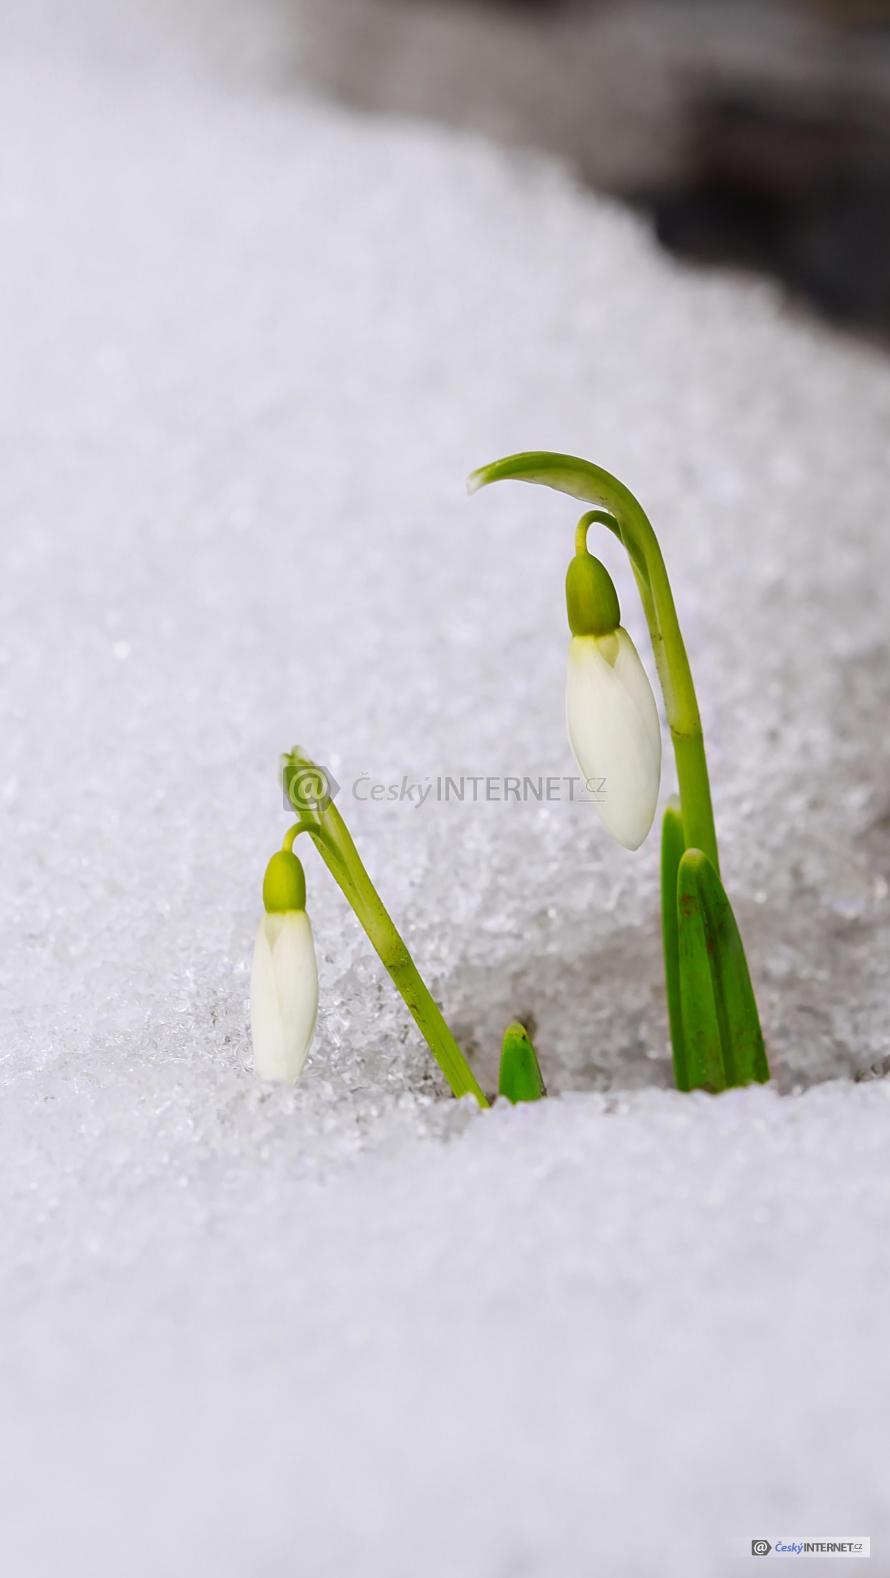 Sněženky prorážející skrz sníh.